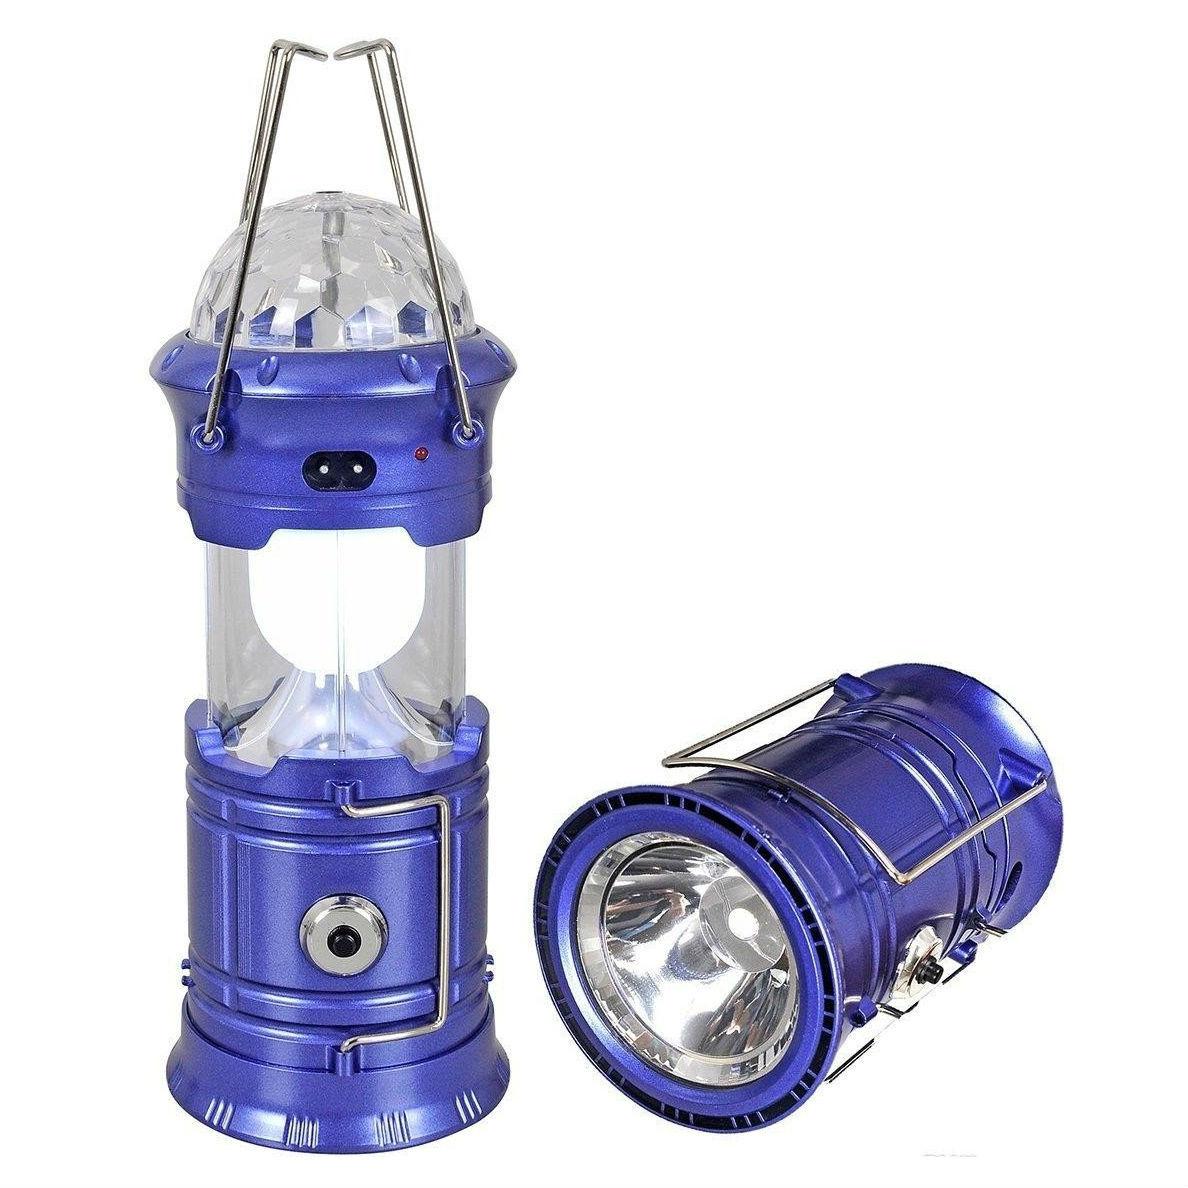 Товары для отдыха и путешествий Кемпинговый светильник-фонарь Camping Lights kempingovyy-svetilnik-fonar-camping-lights.jpg